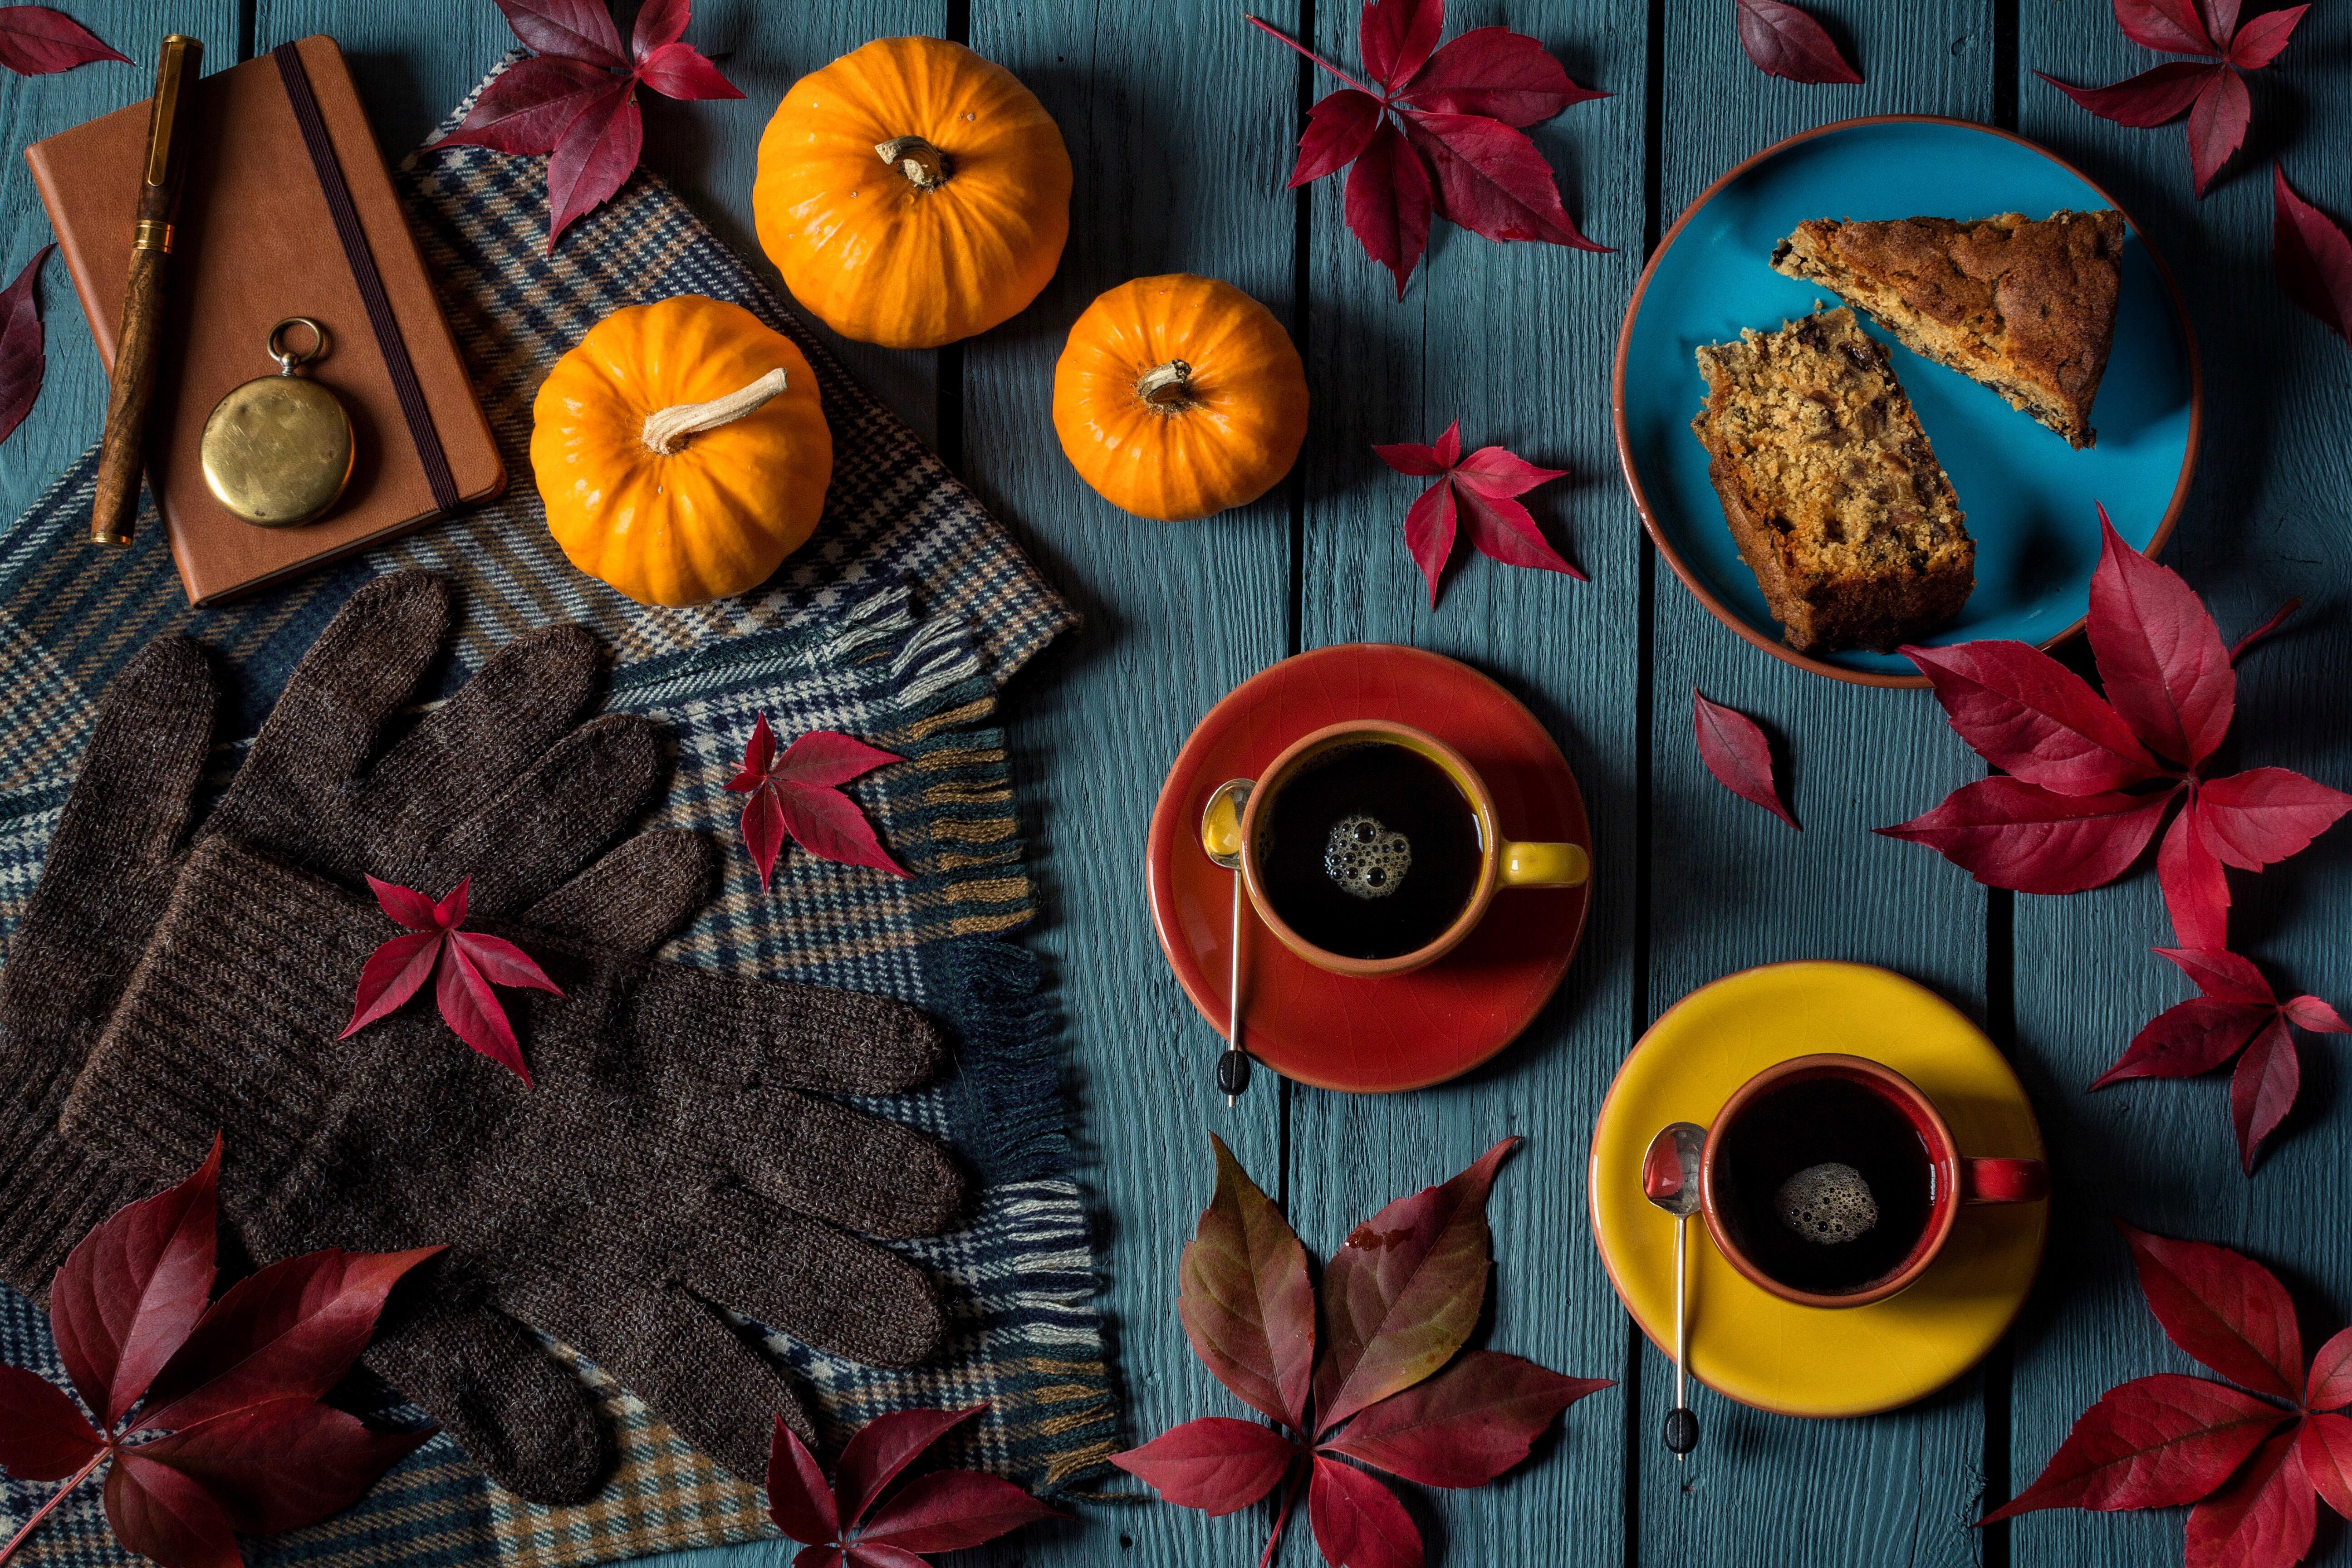 обои стол, чашки, перчатки, торт картинки фото